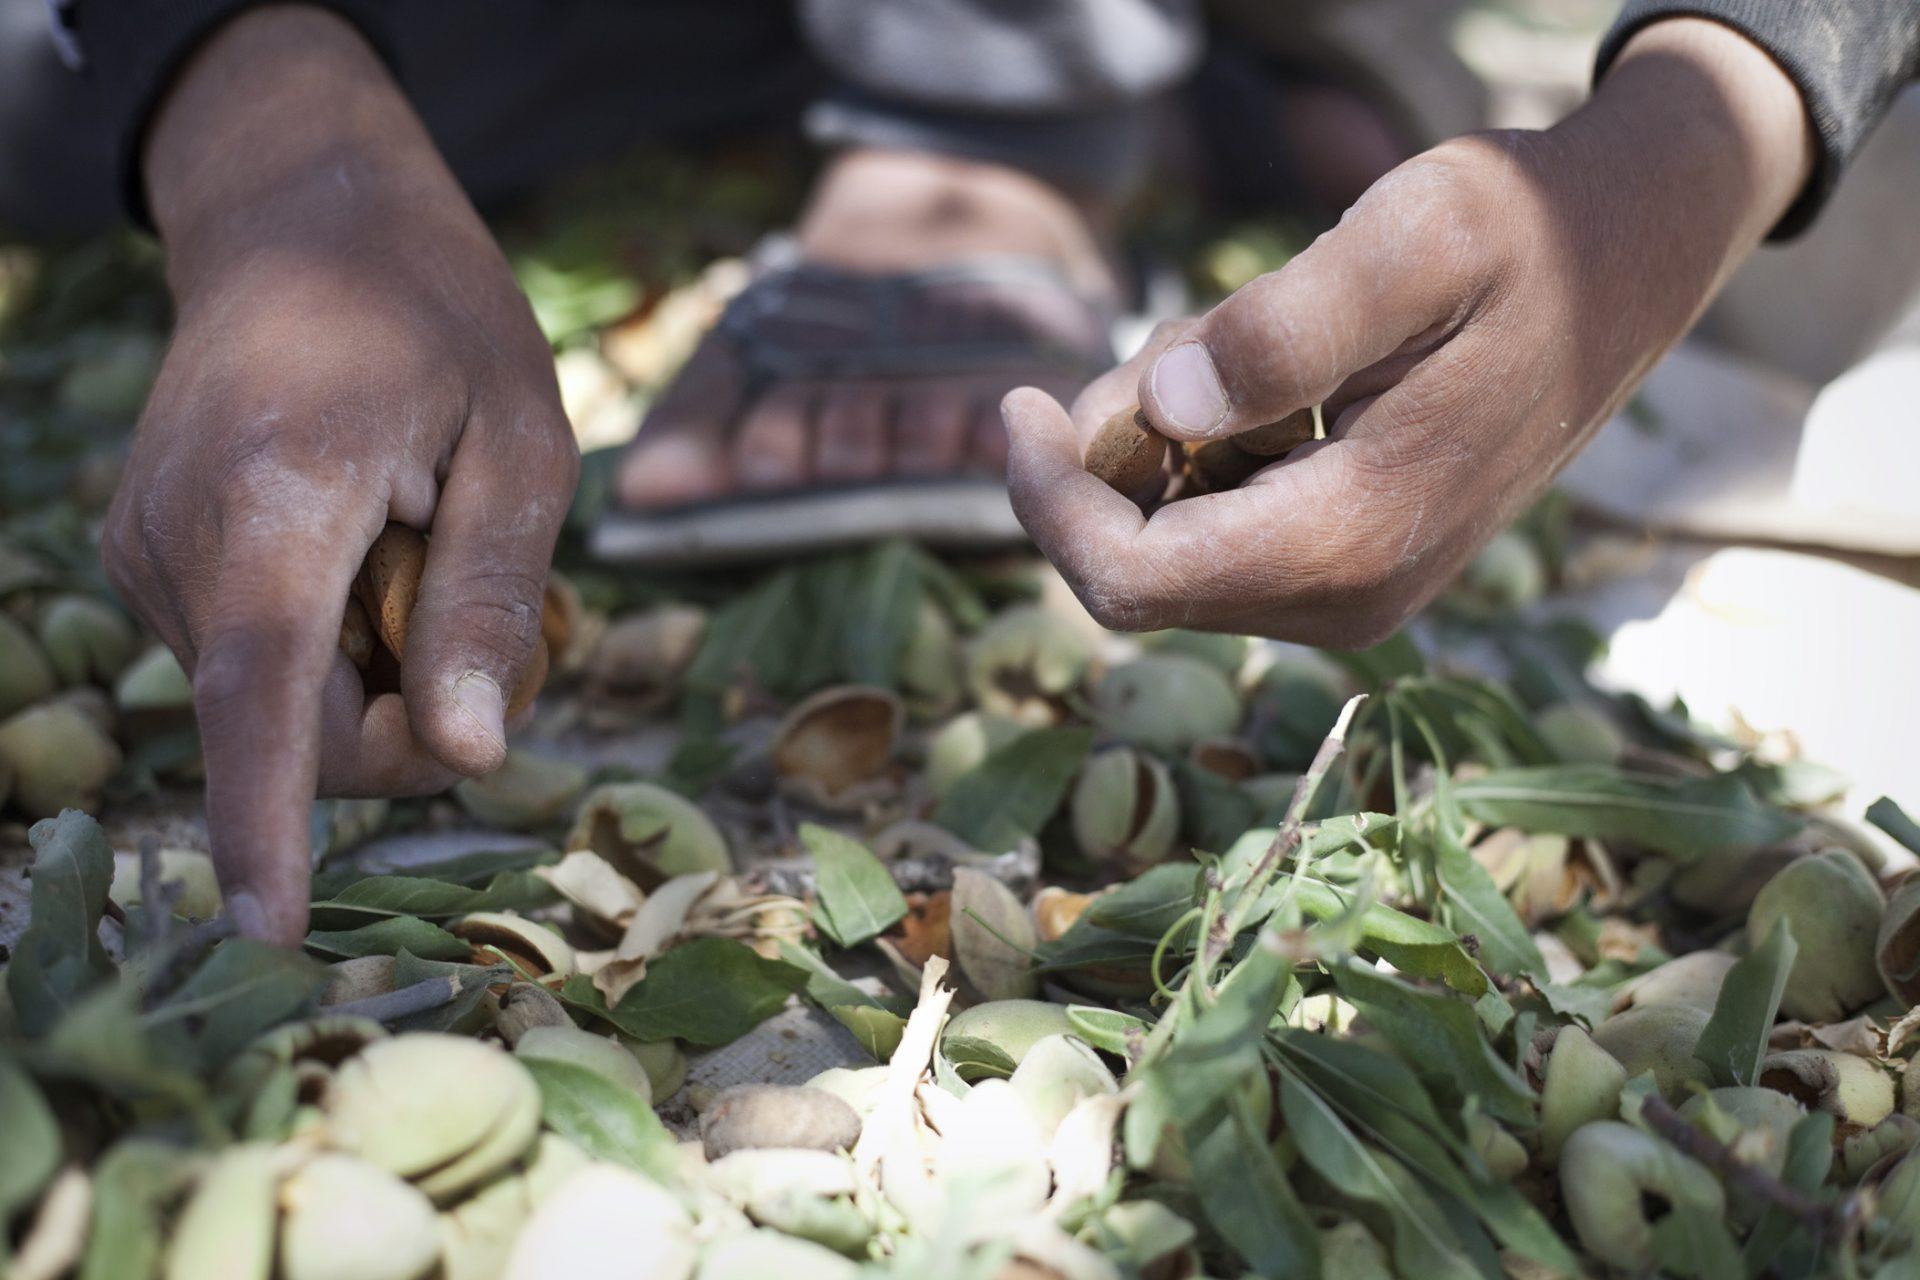 Récolte des amandes par des jeunes du village.